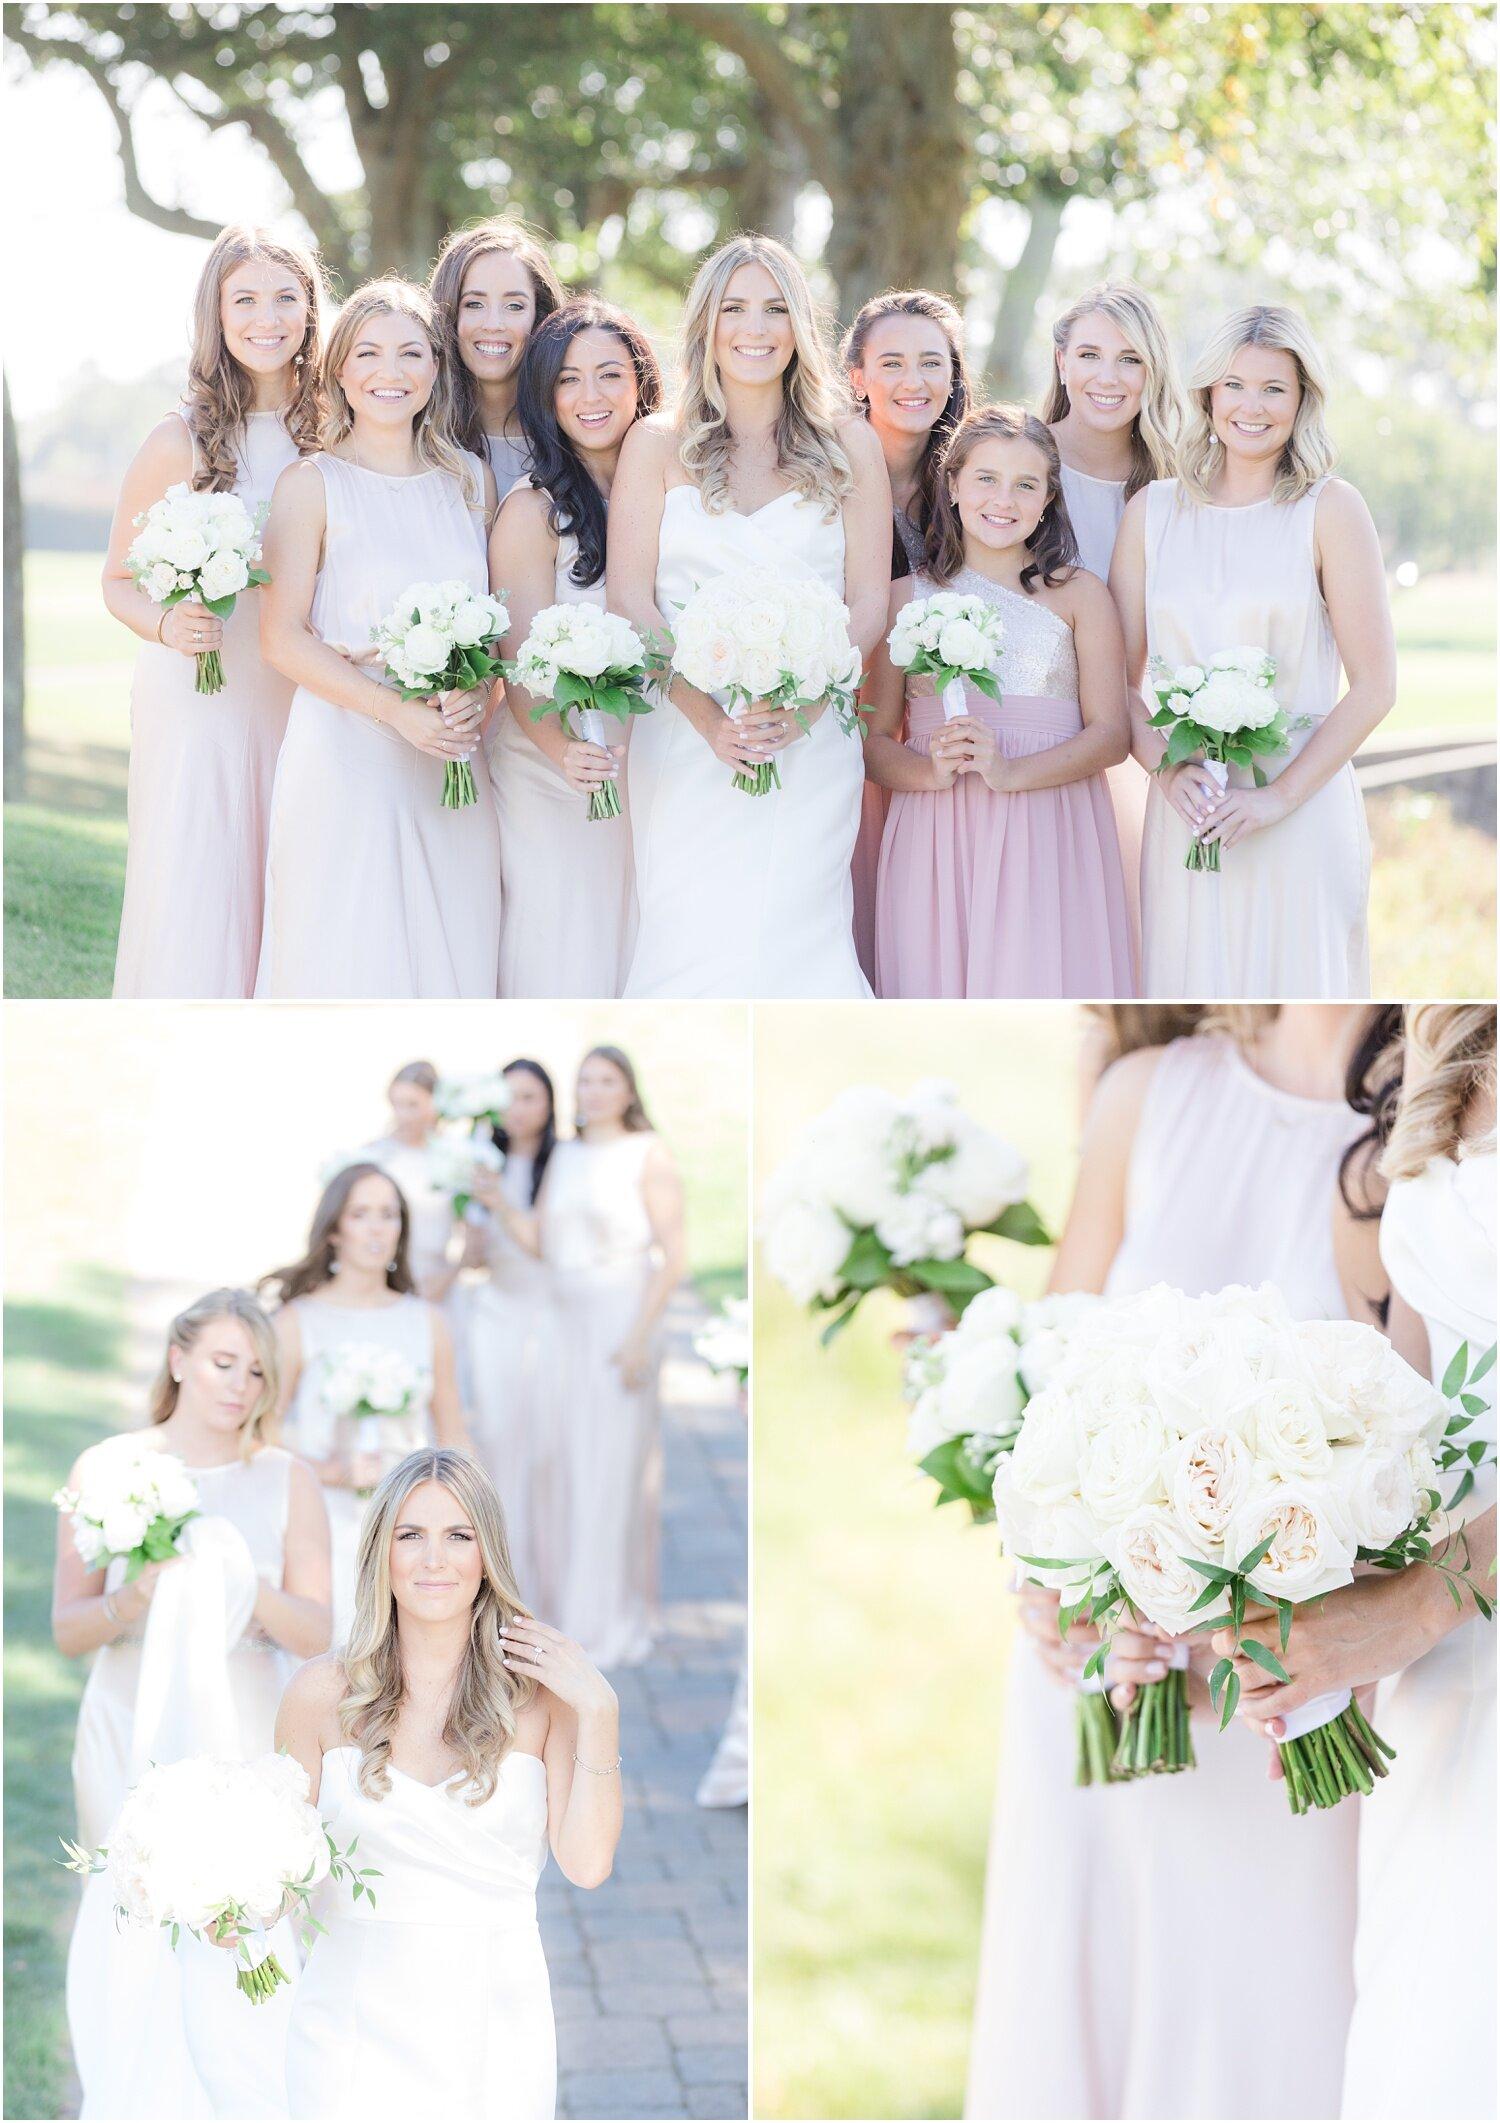 Bridesmaid photos at Spring Lake Golf Club